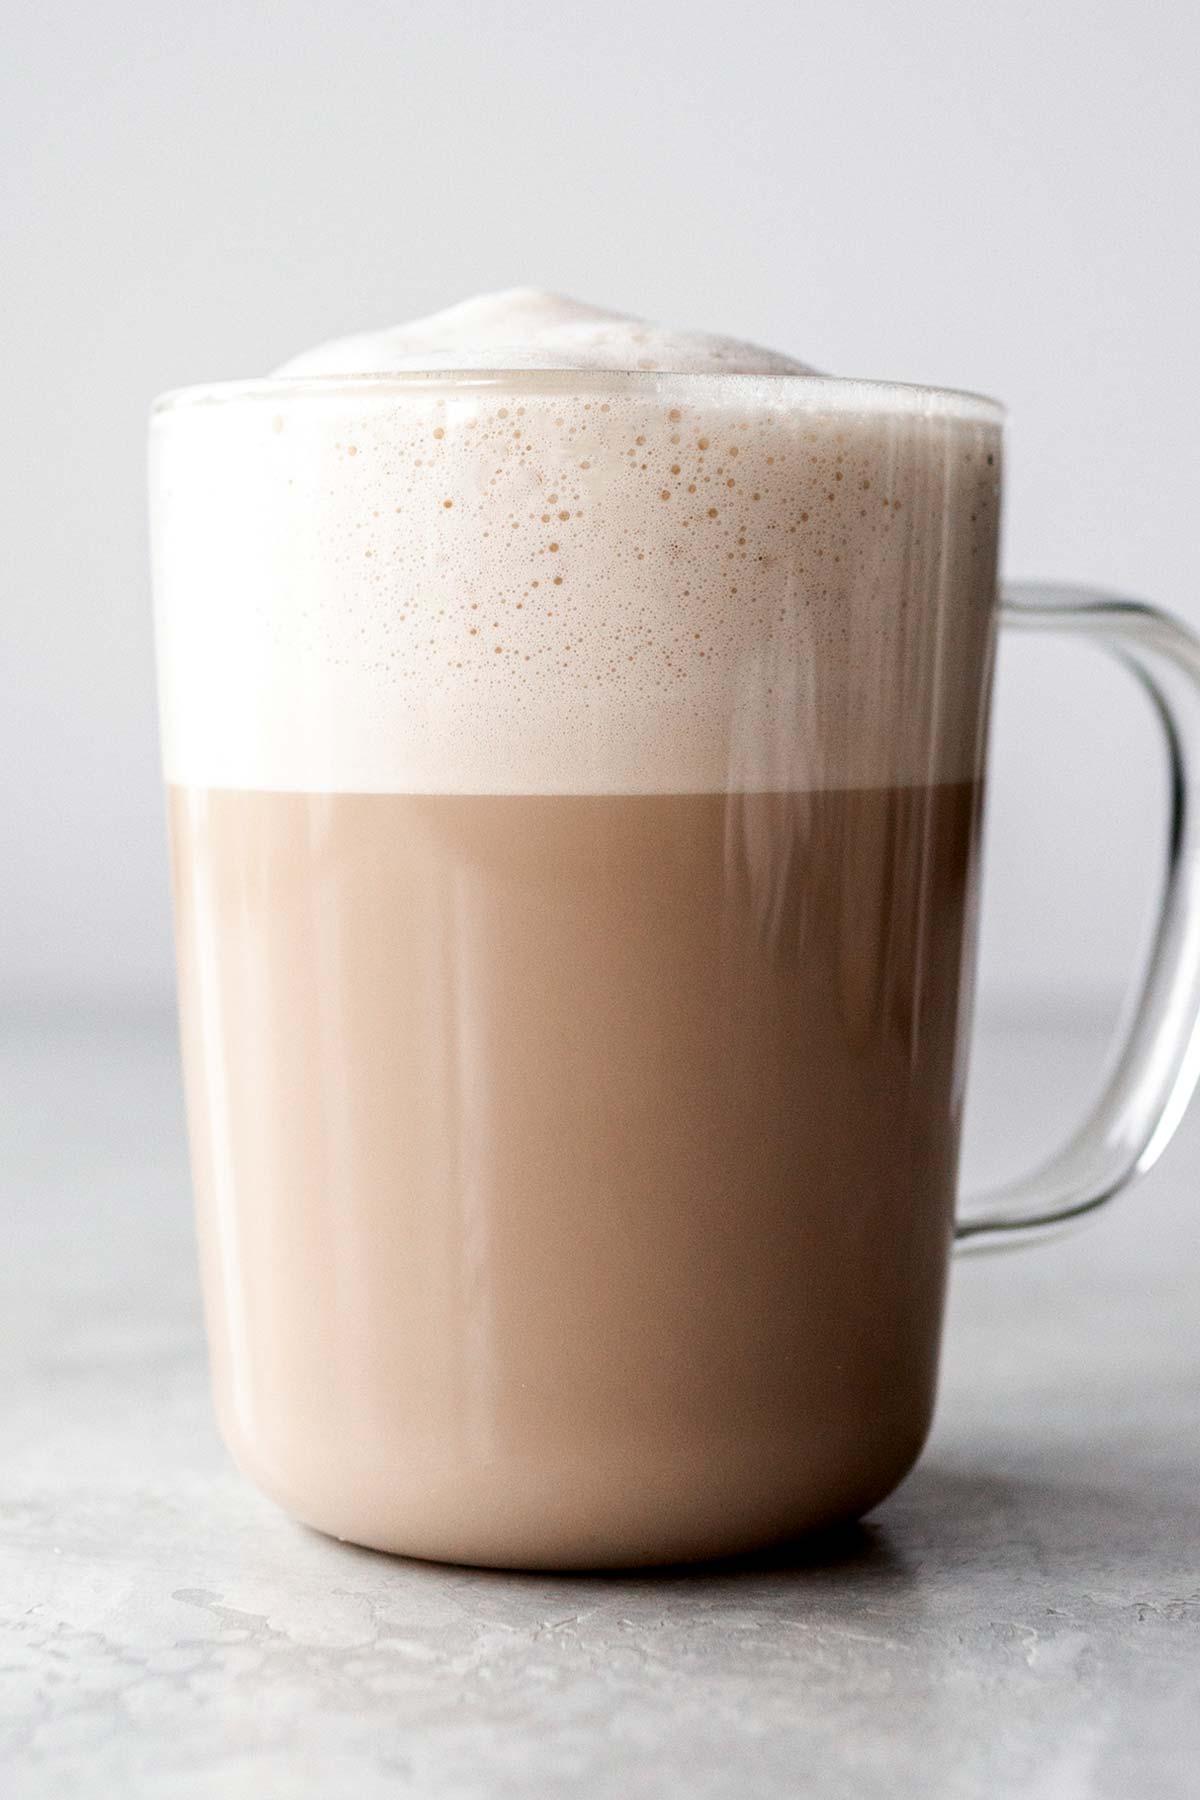 Chai Latte in a glass mug.